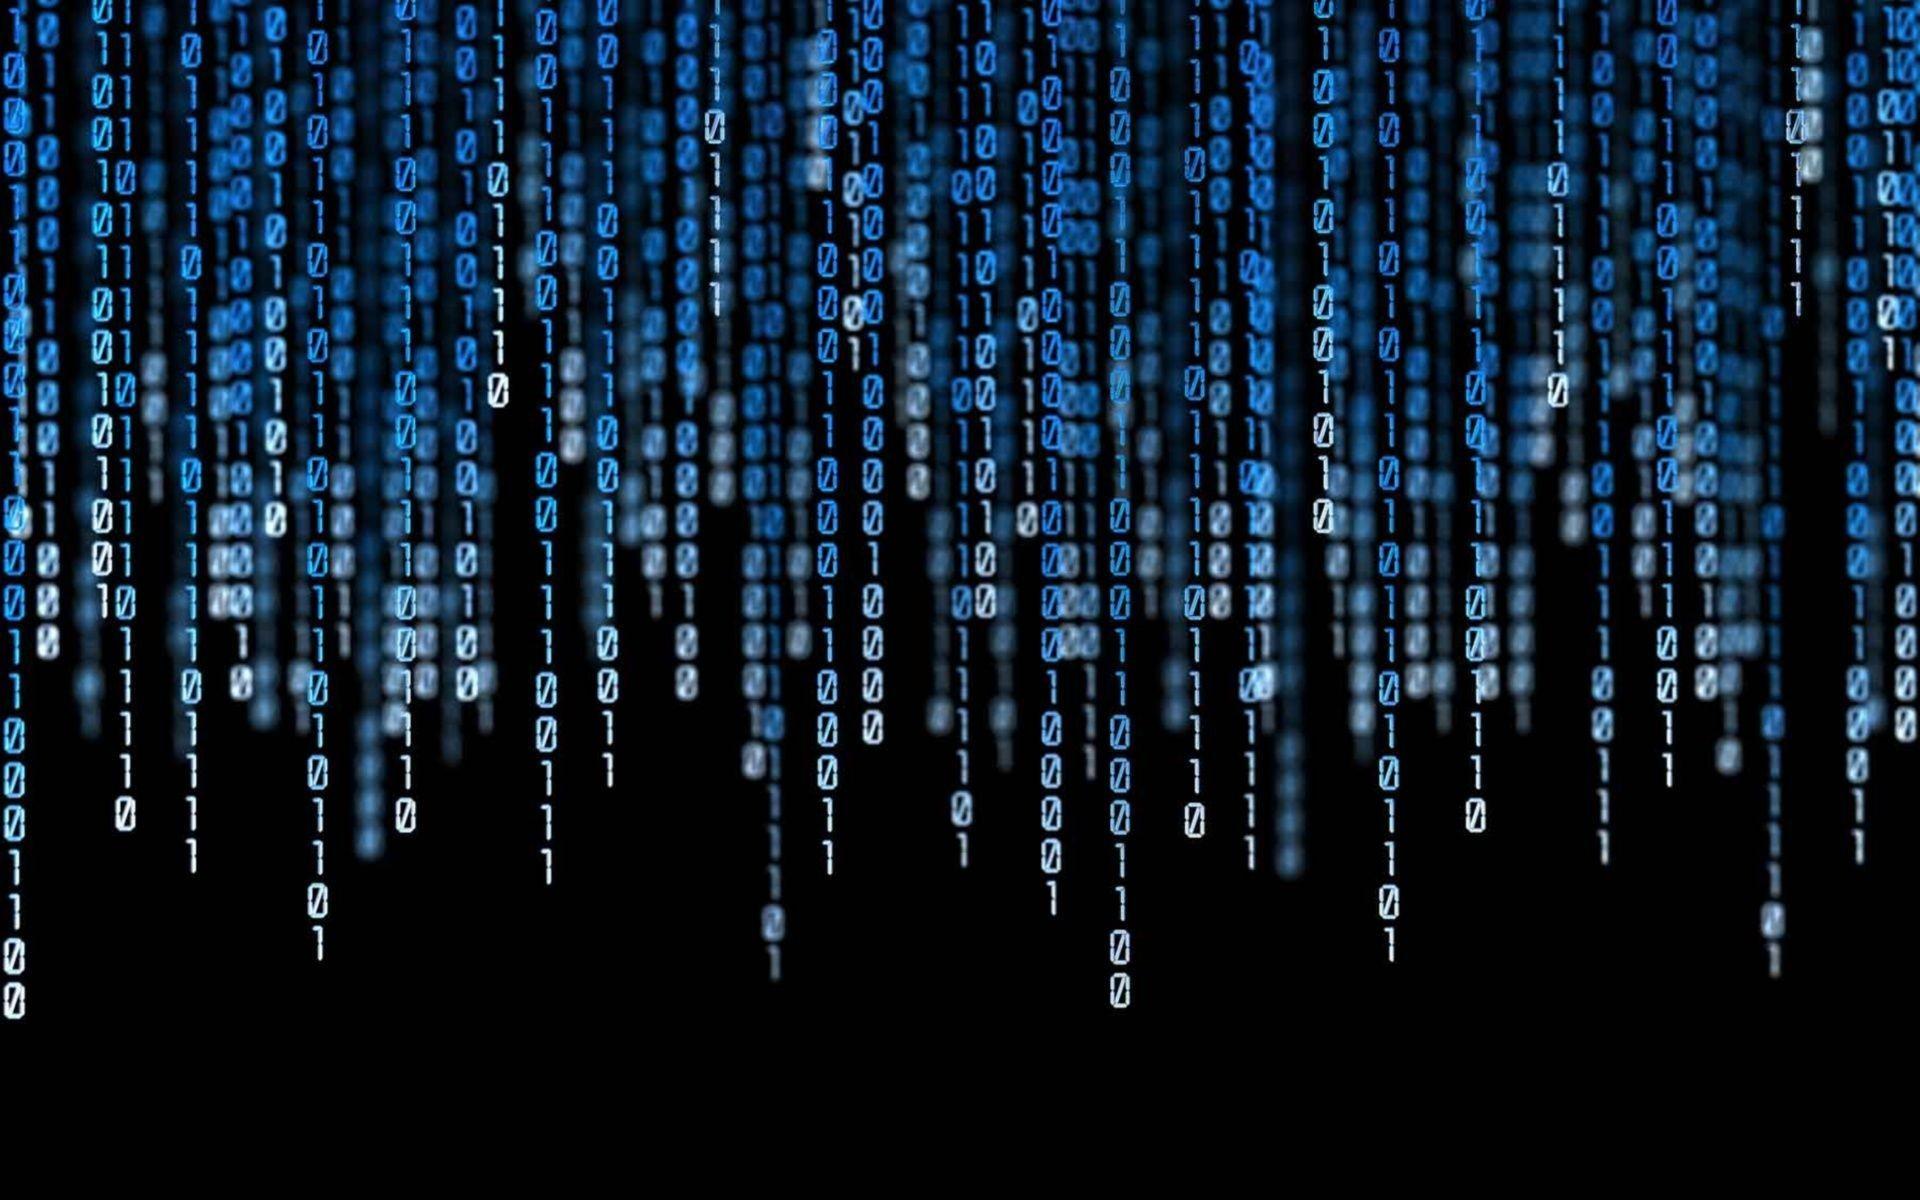 high tech wallpaper hd 77 images